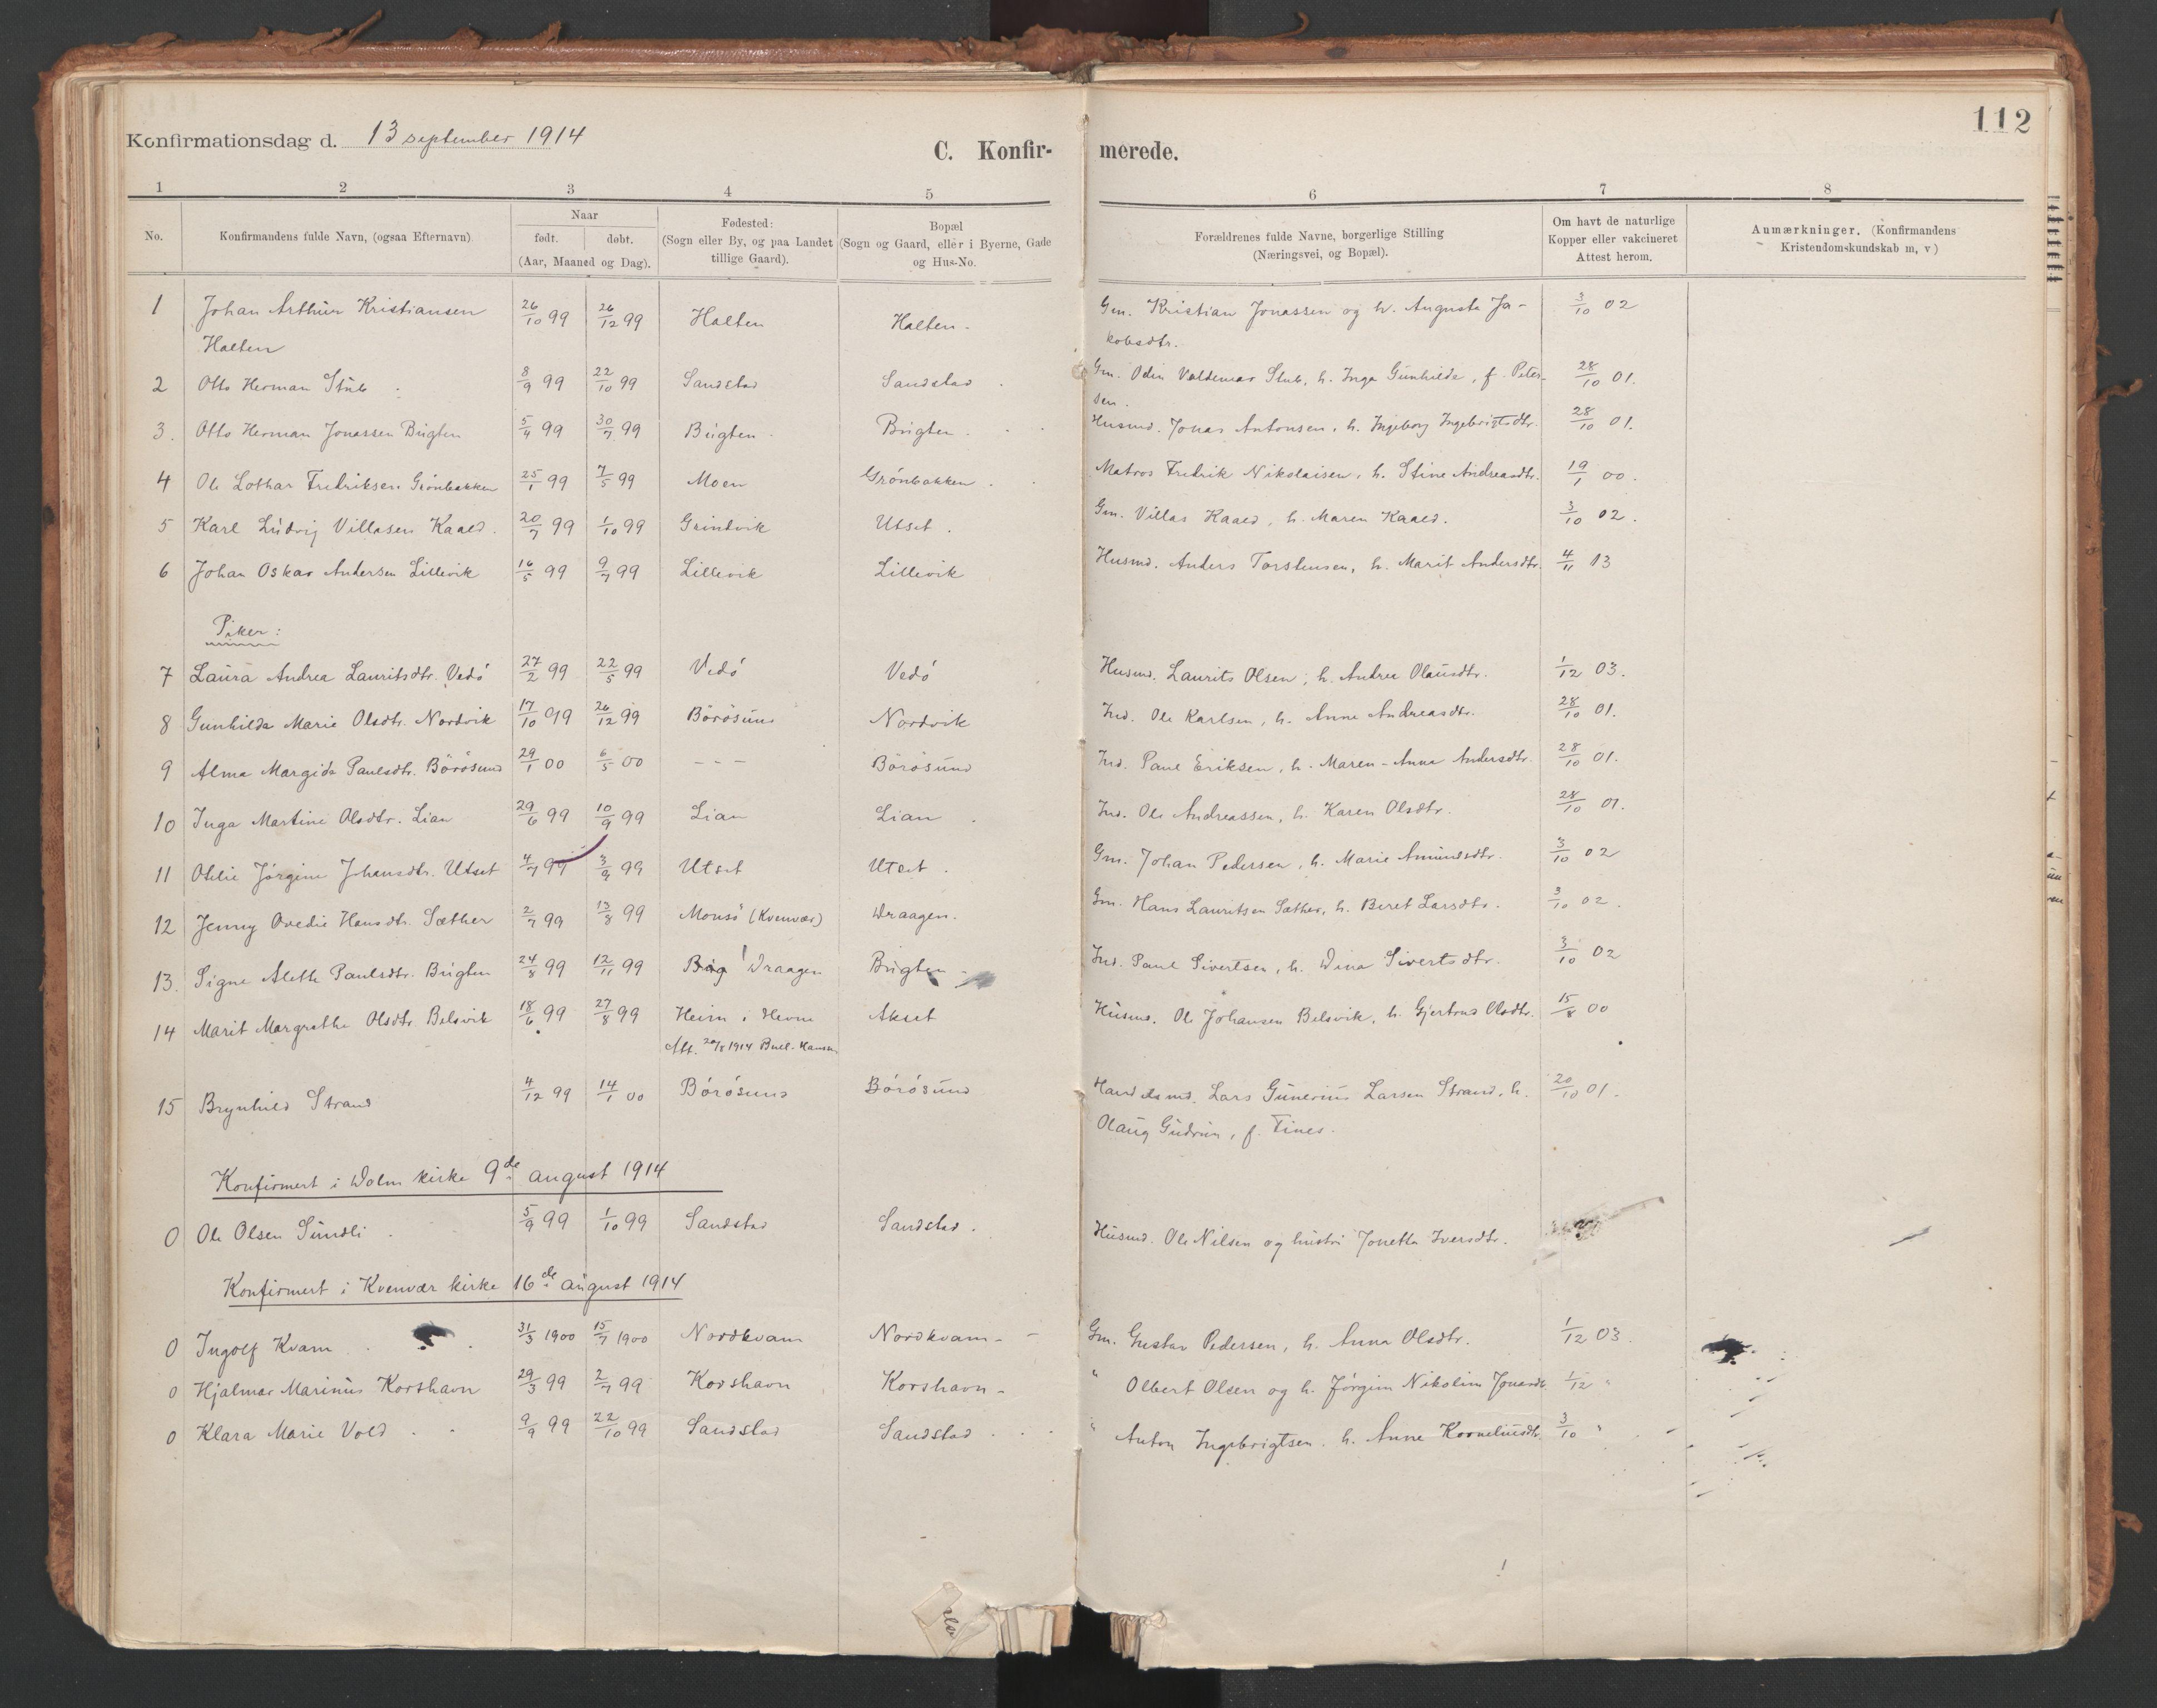 SAT, Ministerialprotokoller, klokkerbøker og fødselsregistre - Sør-Trøndelag, 639/L0572: Ministerialbok nr. 639A01, 1890-1920, s. 112